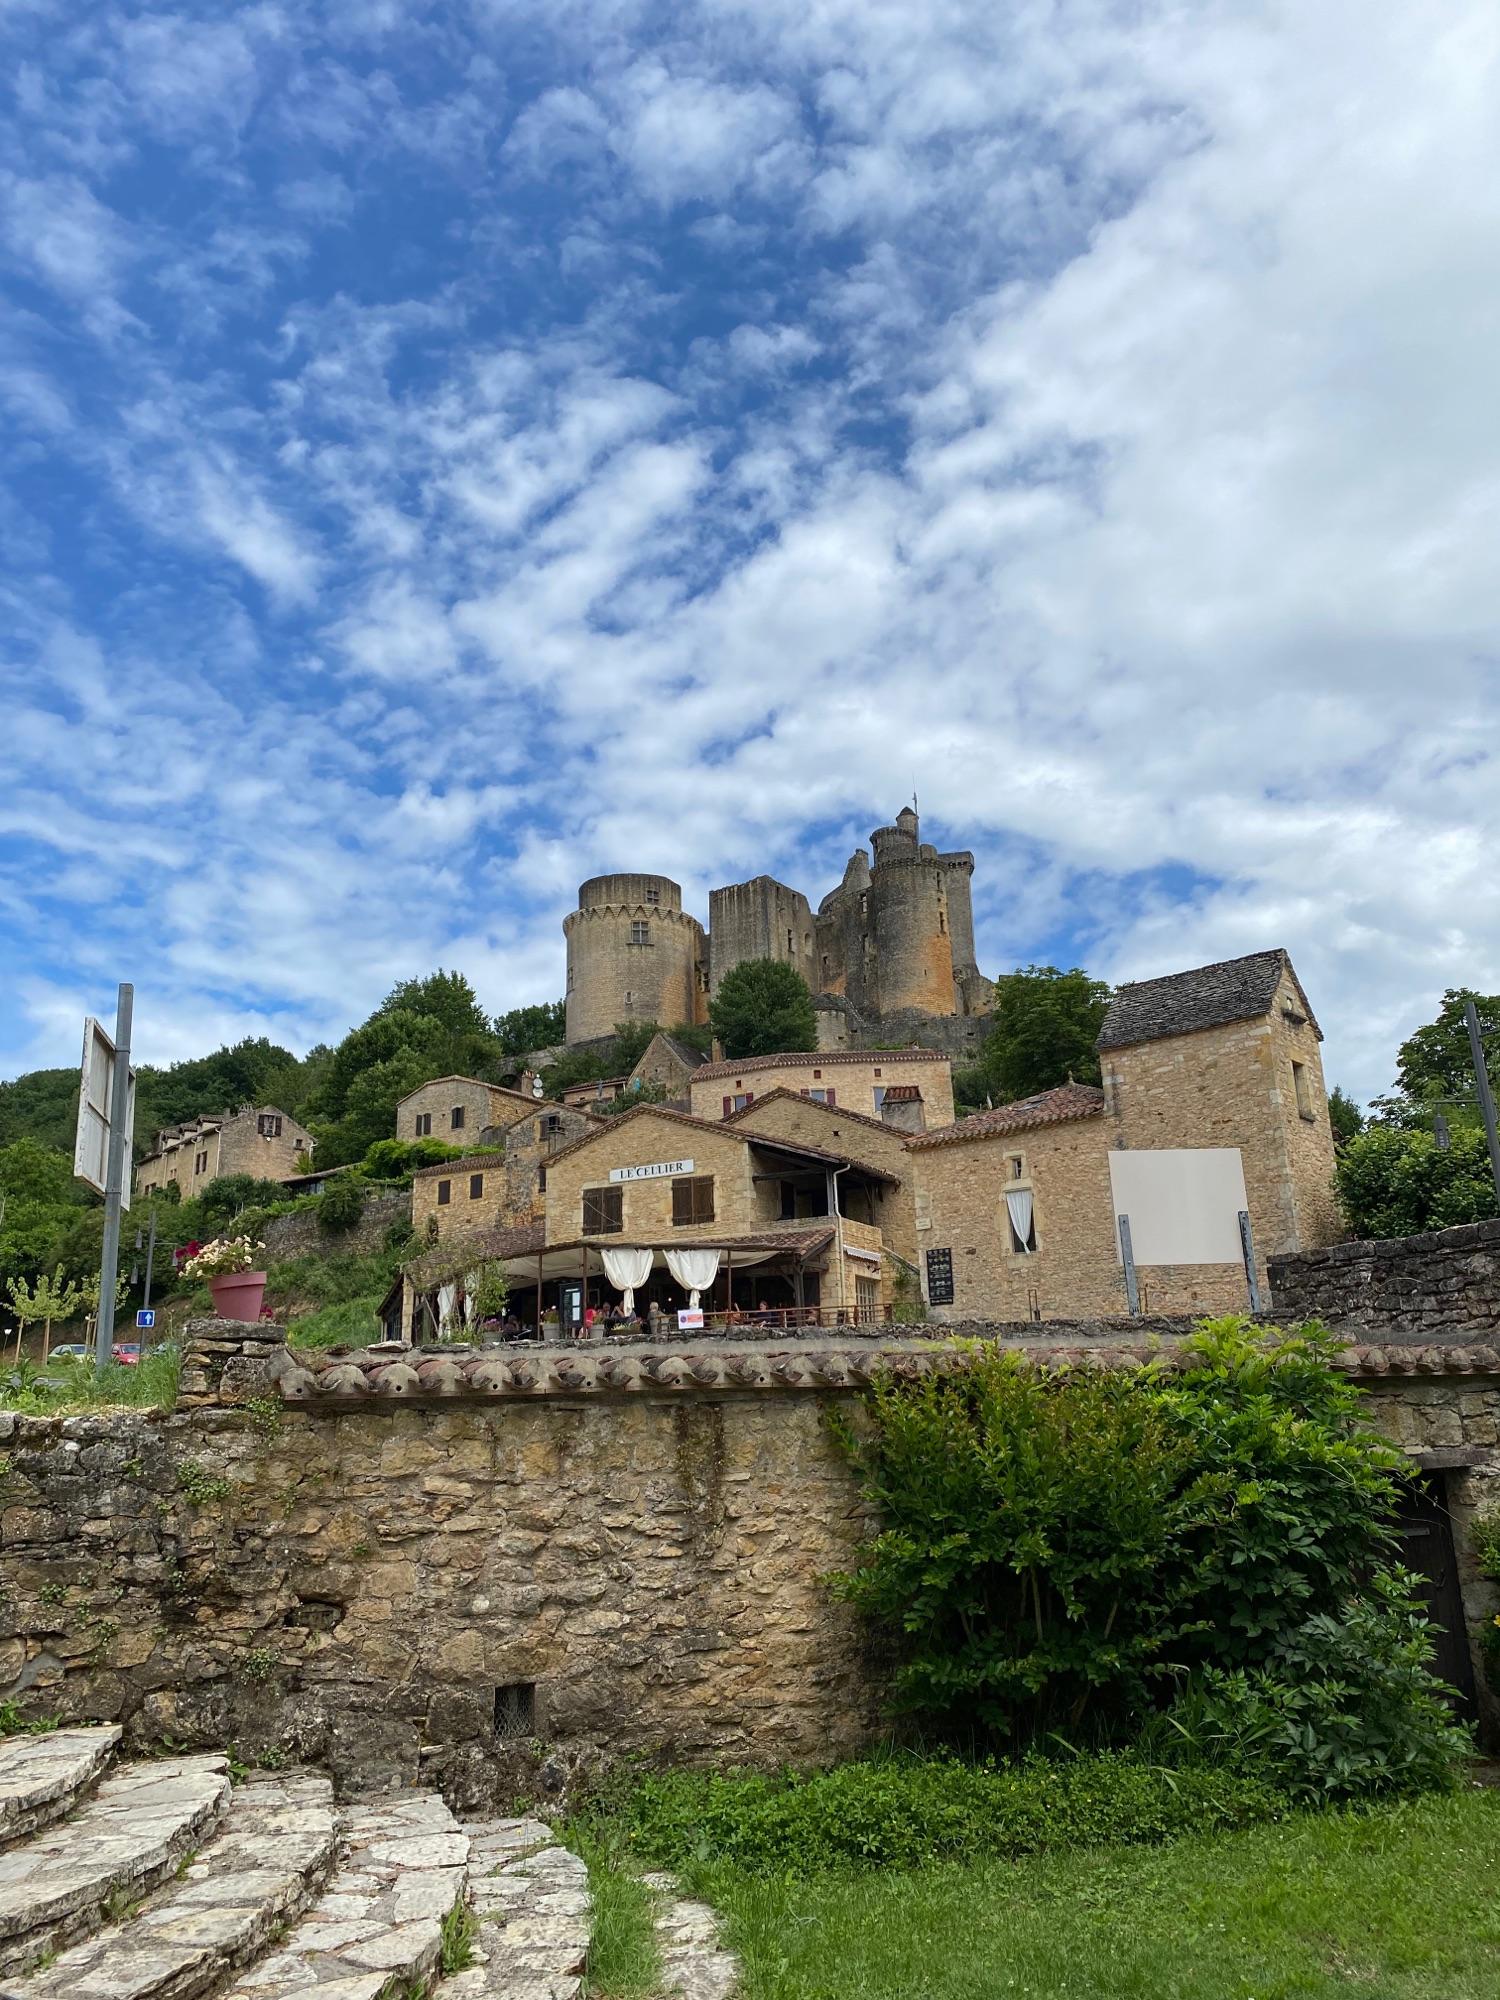 Это еще шато, опять в 8 км, 12 век, château Bonaguil. Толстые стены, синее небо, два ресторана внизу и даже парковка для автобусов. Но туристов нет. А кормят свежей форелью , вкусно очень.